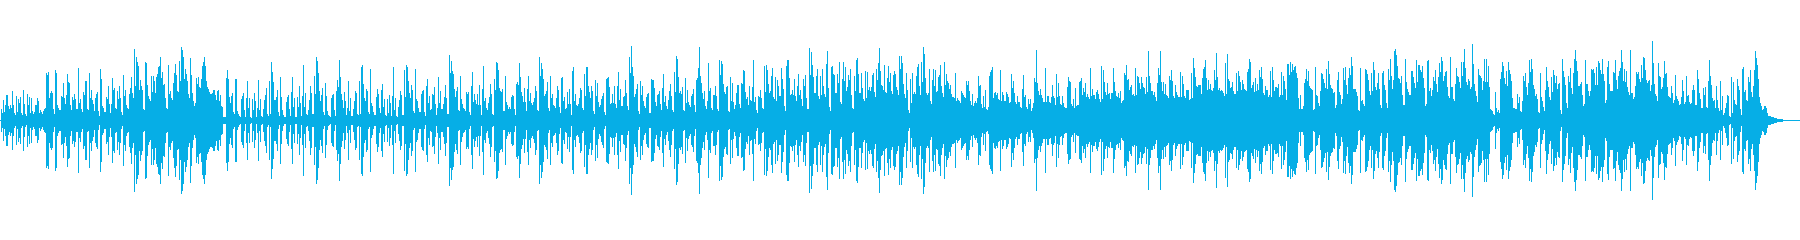 琴春オーケストラ春企業PV桜日本の再生済みの波形